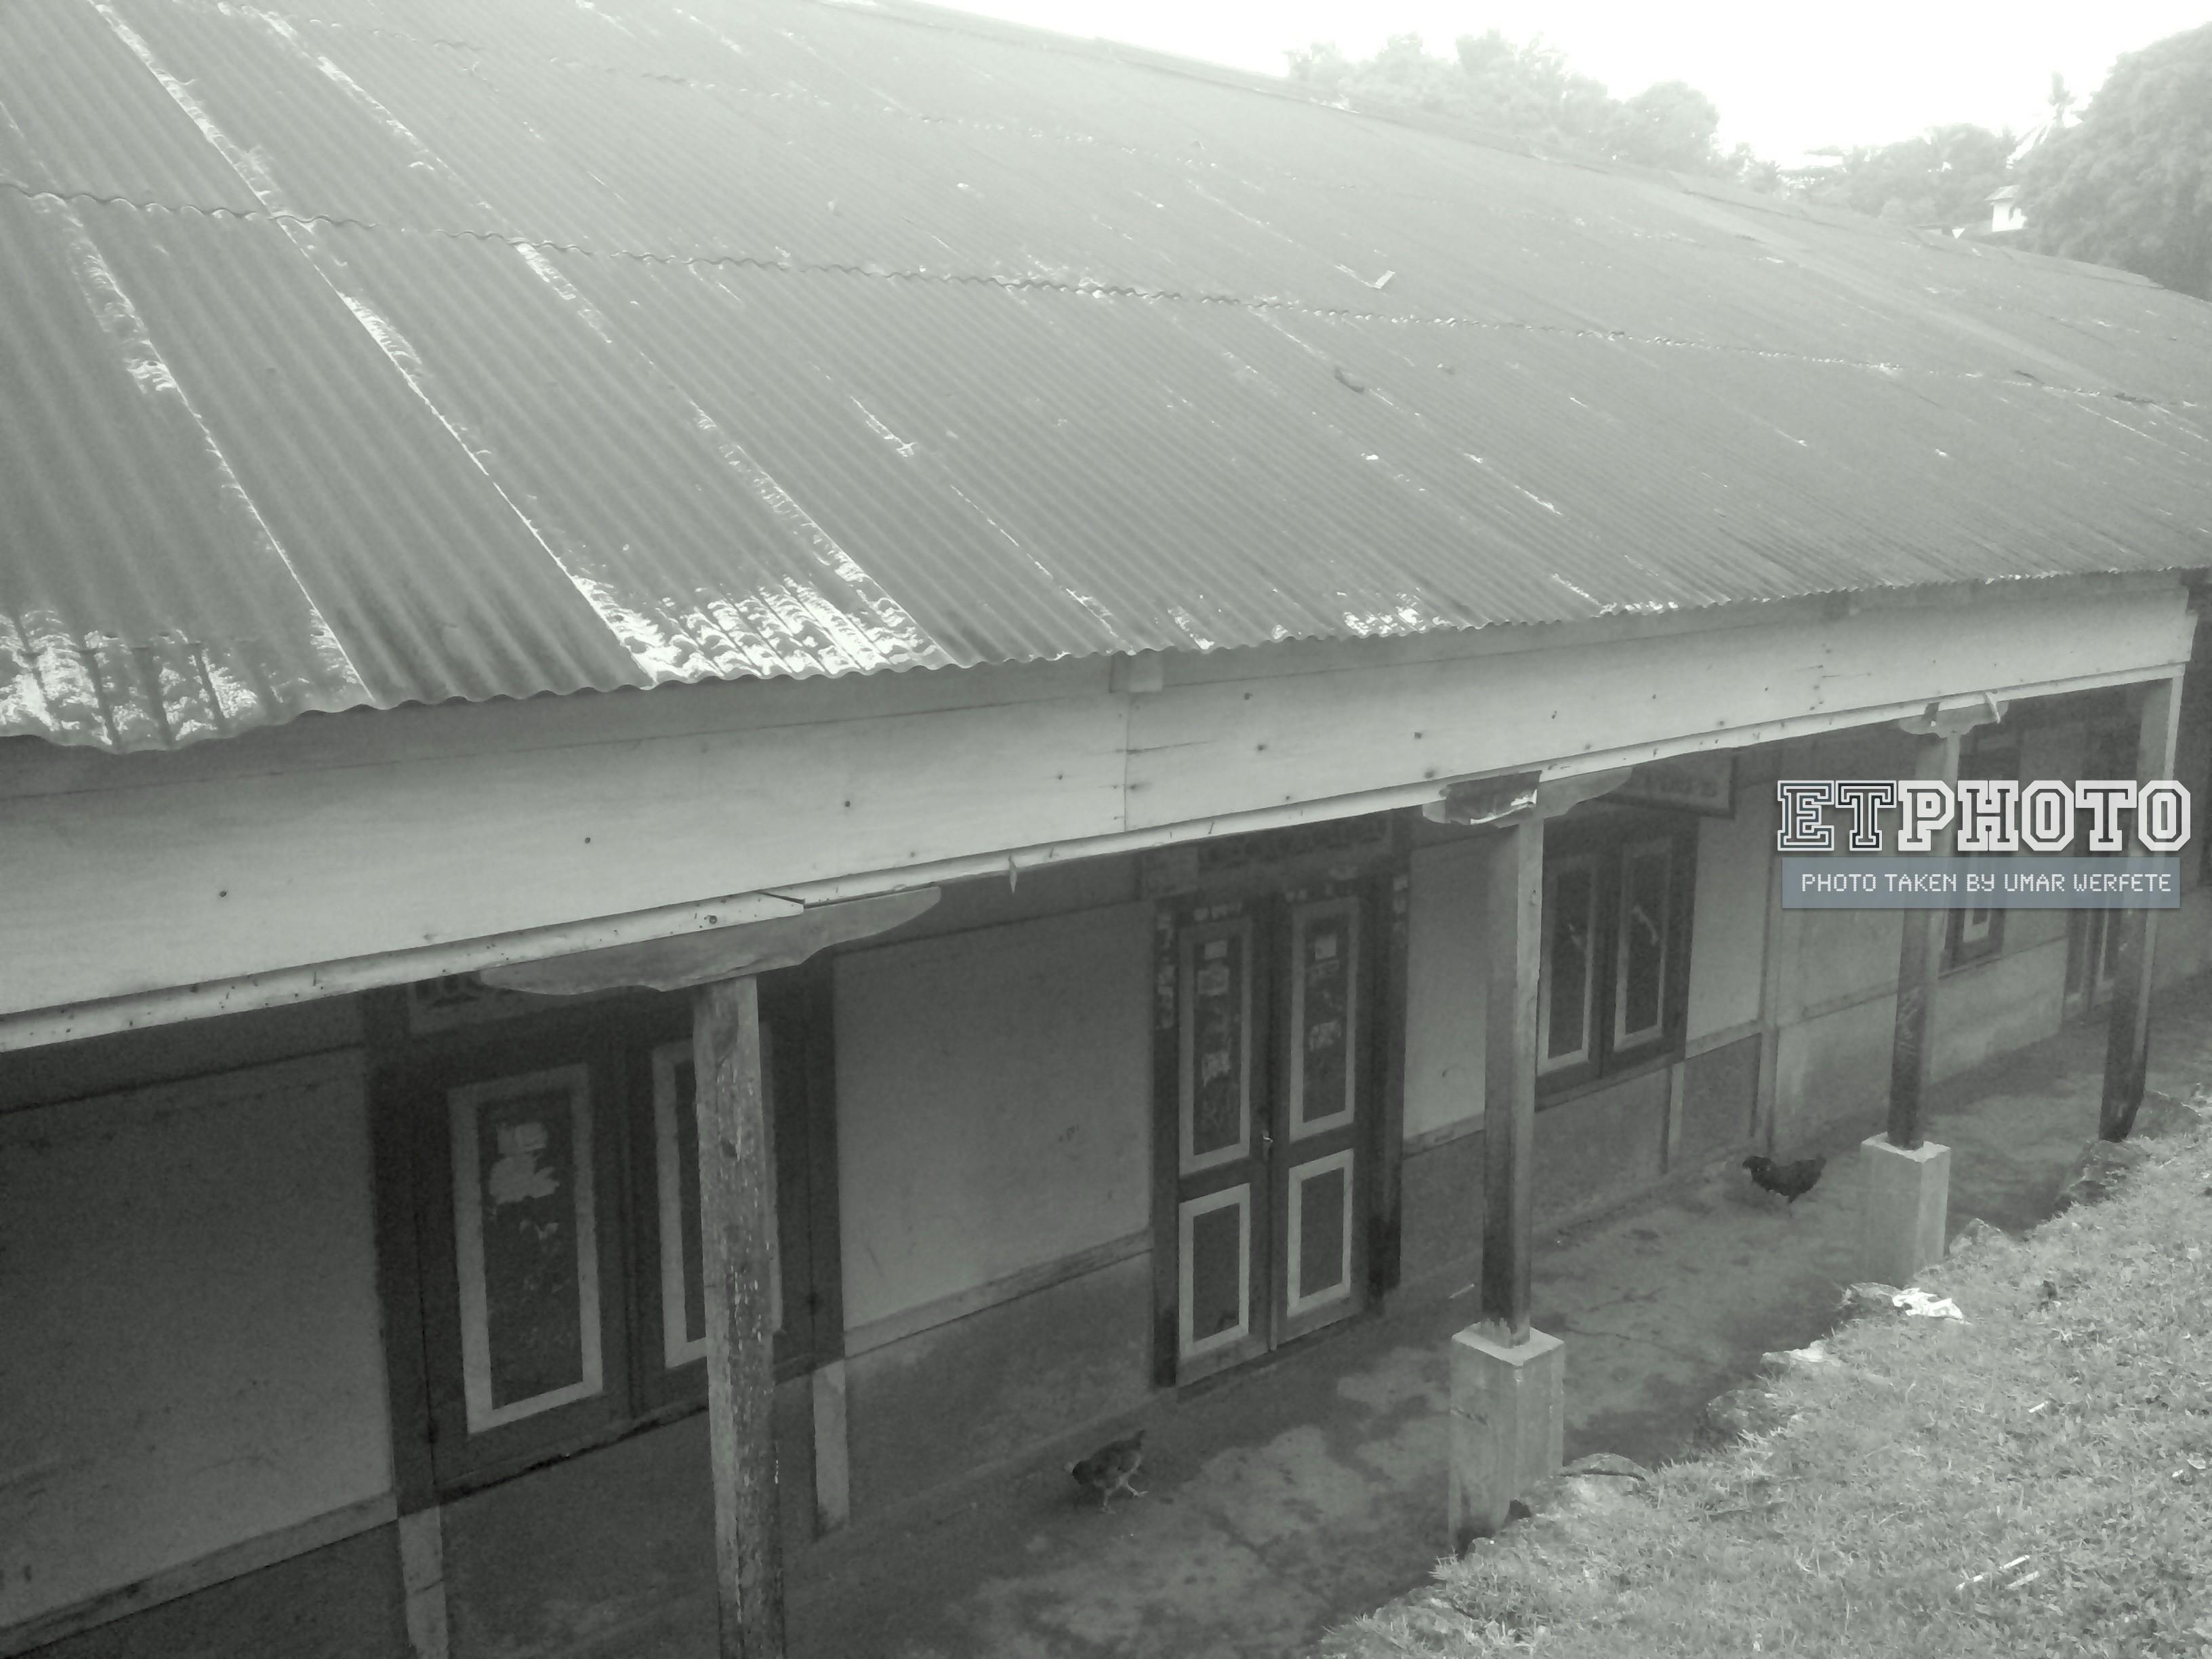 Toko di Kokas